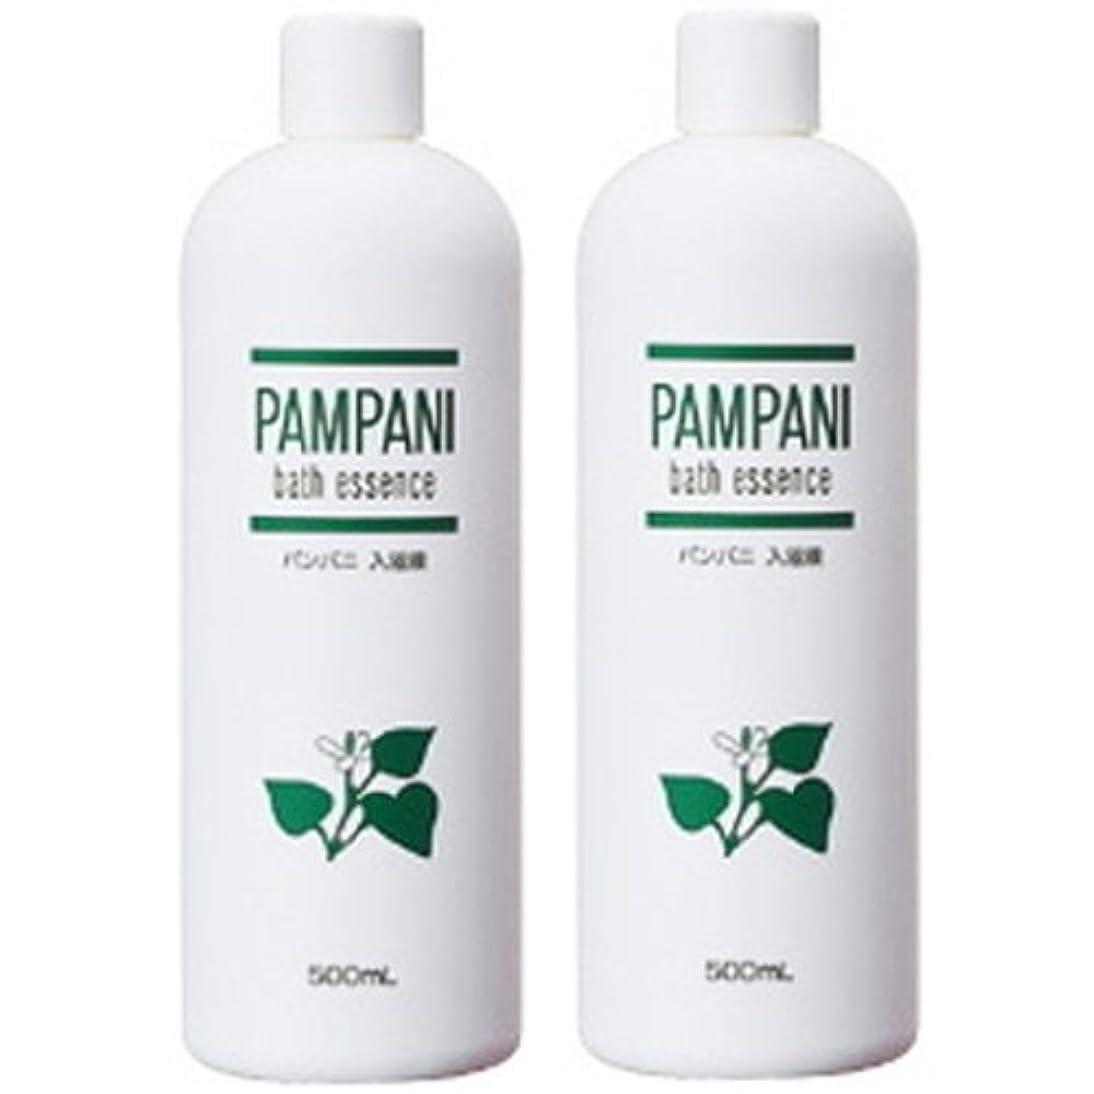 適合する歯科医実験的パンパニ(PAMPANI) 入浴液 (希釈タイプ) 500ml×2本組